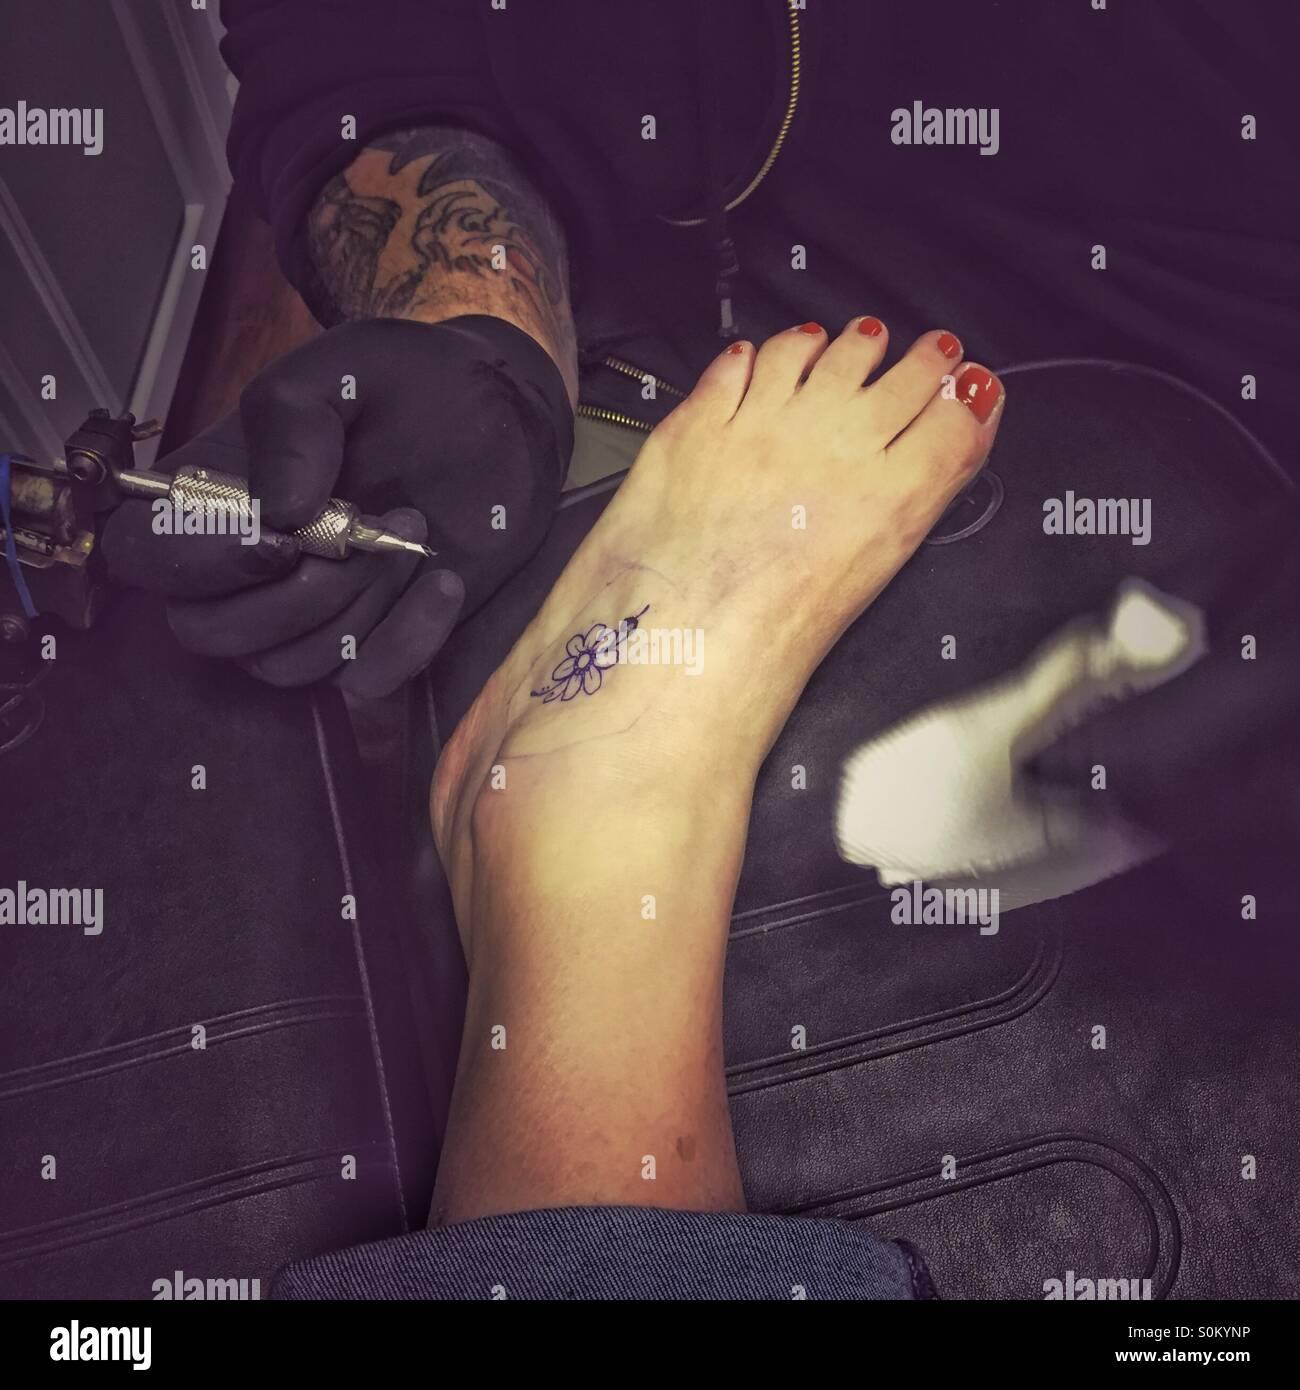 Artiste De Tatouage Tatouage Fleurs Expose Sur Pied De Femme D Age Moyen Premier Tattoo Photo Stock Alamy